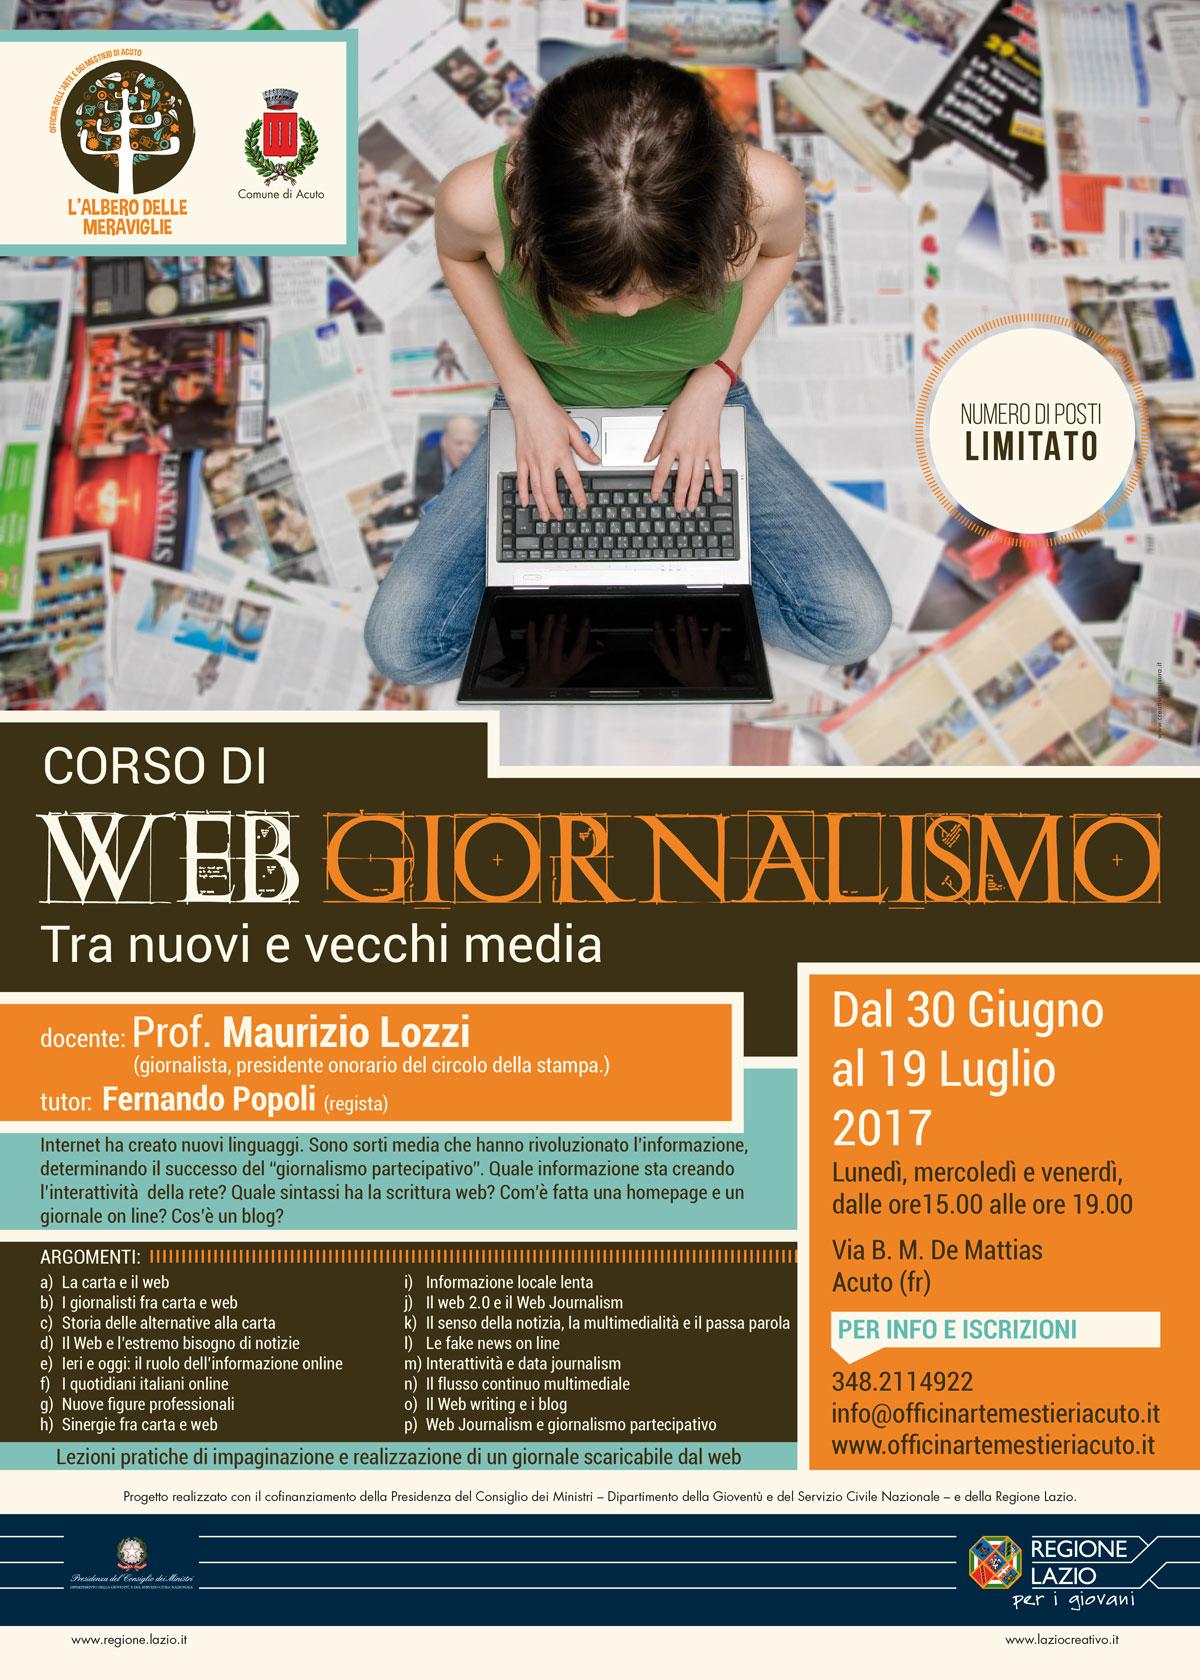 """""""Corso di web giornalismo, tra nuovi e vecchi media"""", all'Albero delle Meraviglie, l'Officina dell'Arte e dei Mestieri di Acuto."""